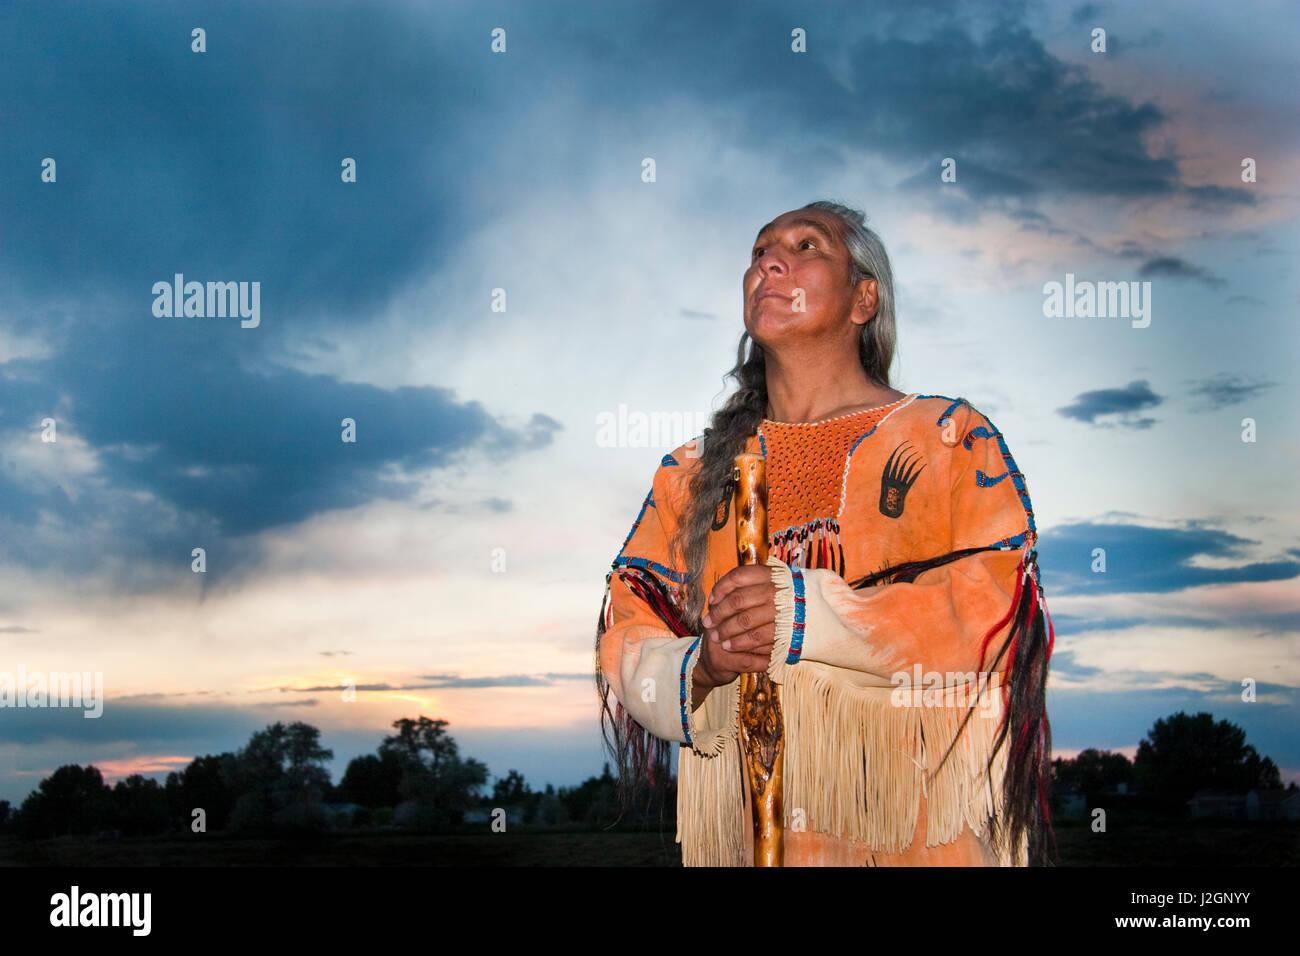 La amérindienne en habillé ghost un chemise homme médecine utilise 55AZq4xrw